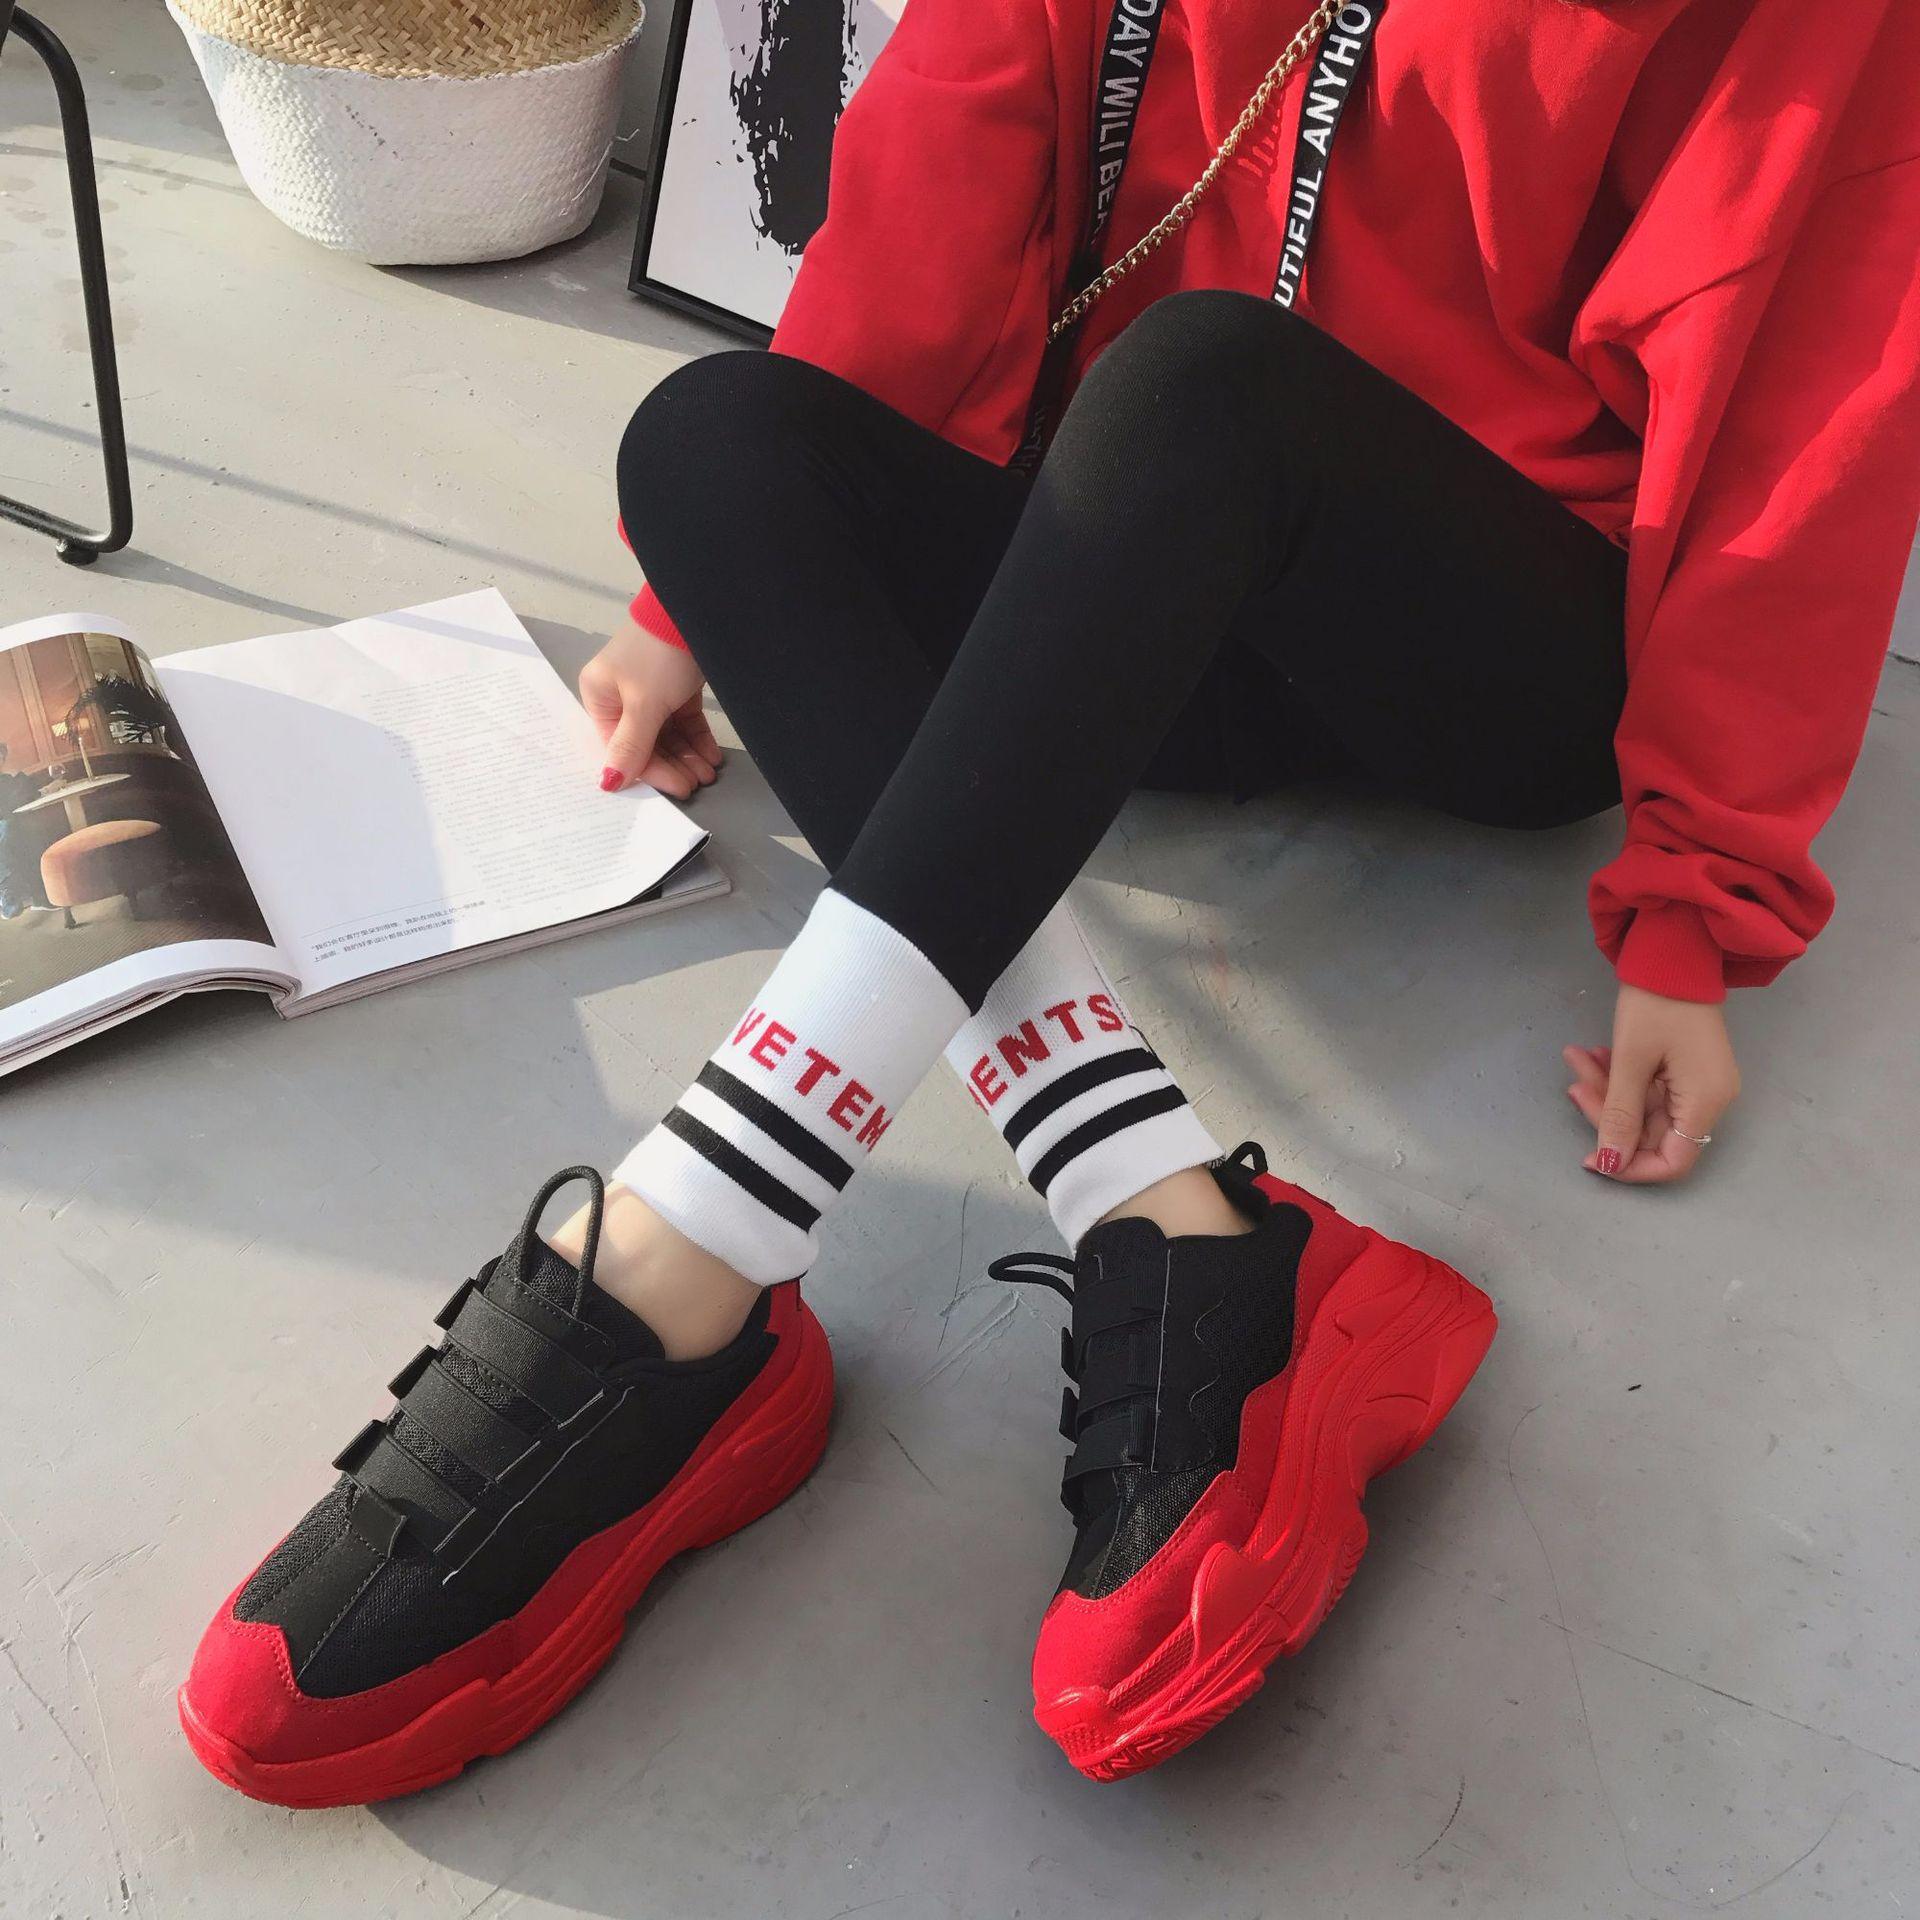 27d394ae4 Сетчатые женские кроссовки на высокой платформе 2018 Модные женские красные  черные туфли для папы женская повседневная обувь на массивном ка.